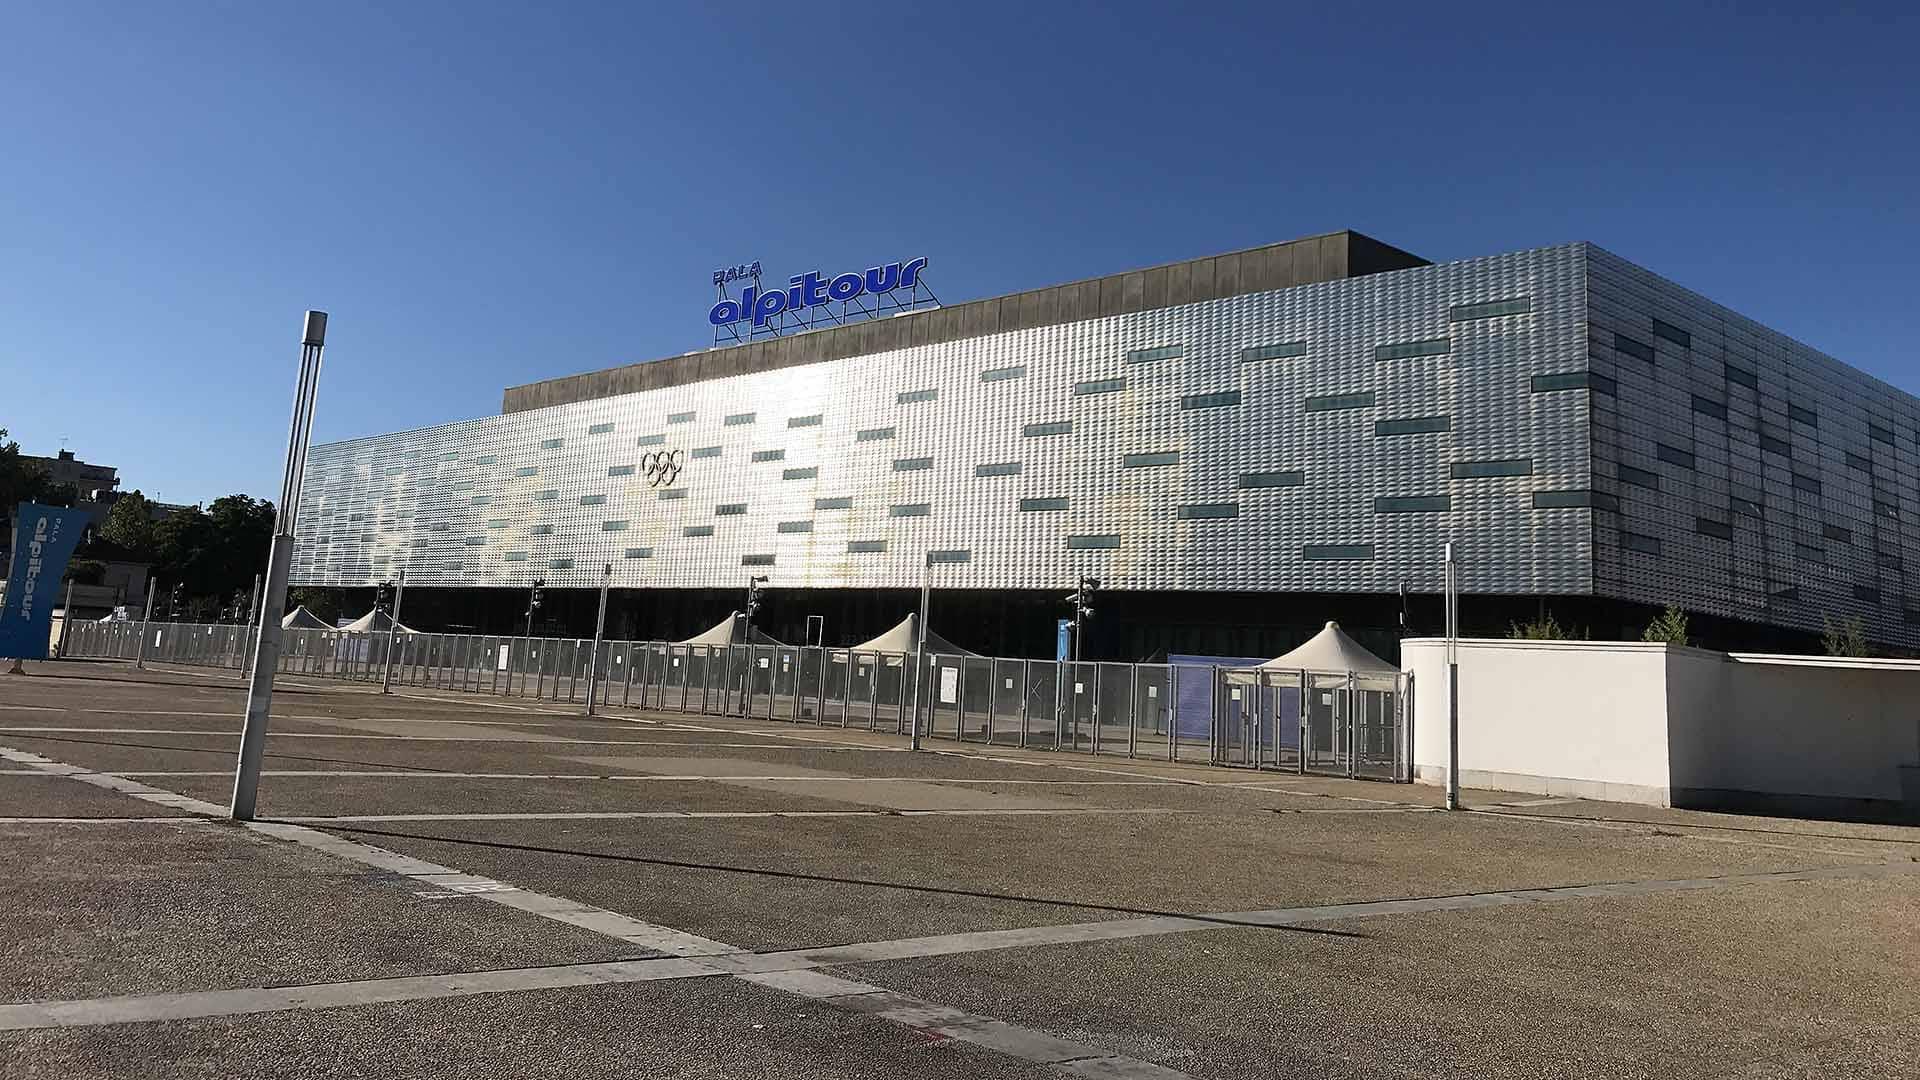 Stadium, Turin